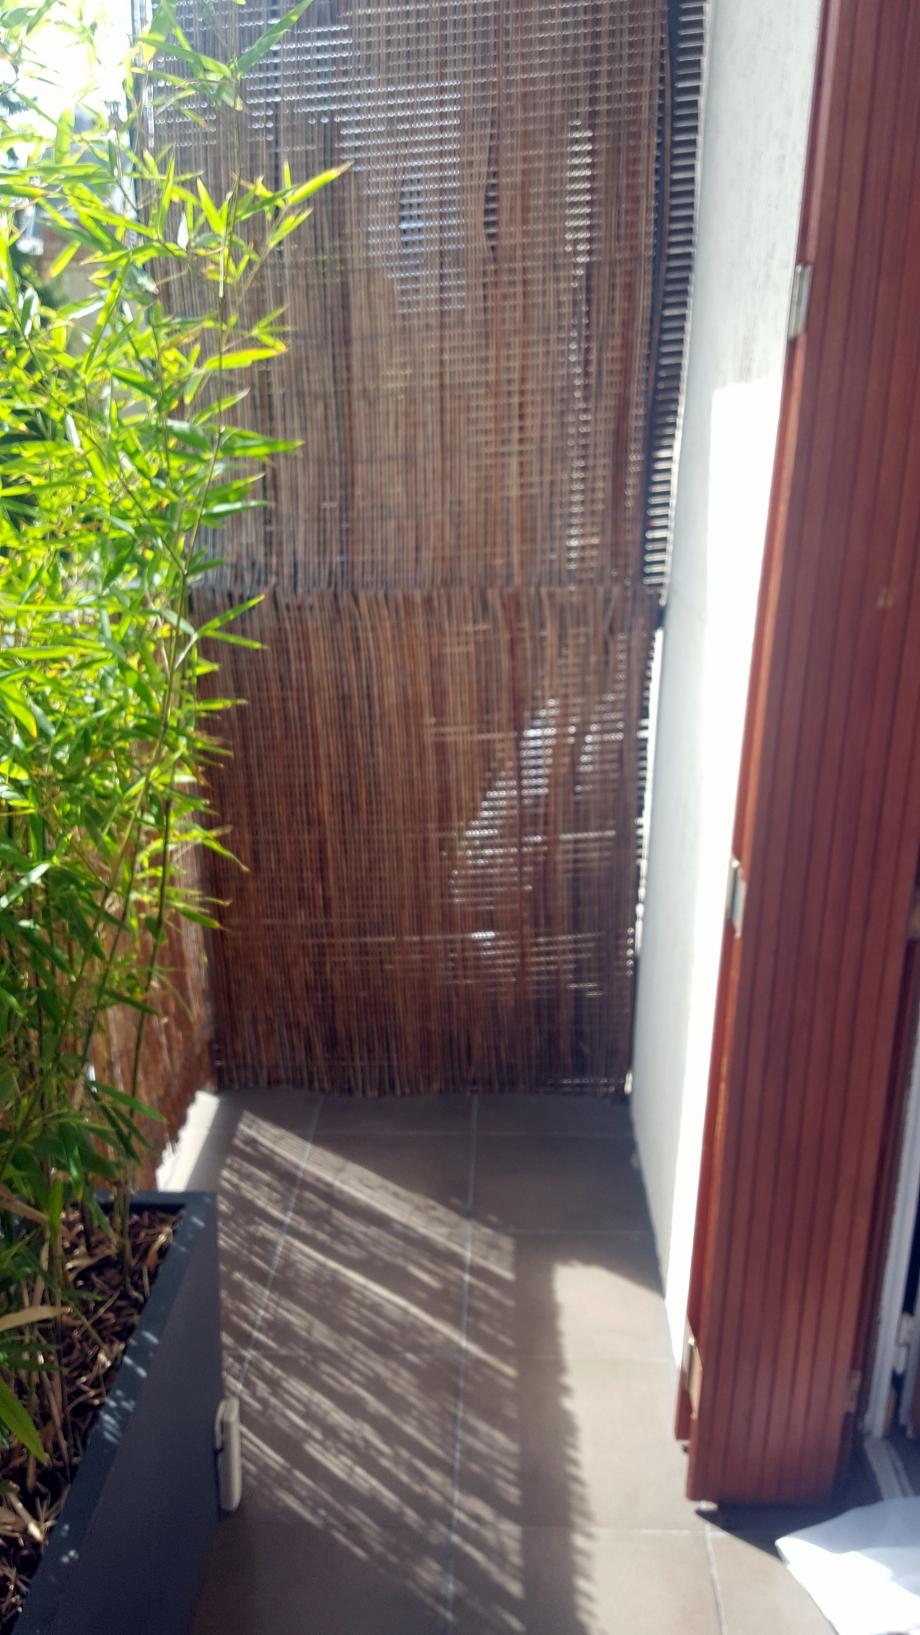 Séparation balcon pour mur végétal 1er août 17.jpg